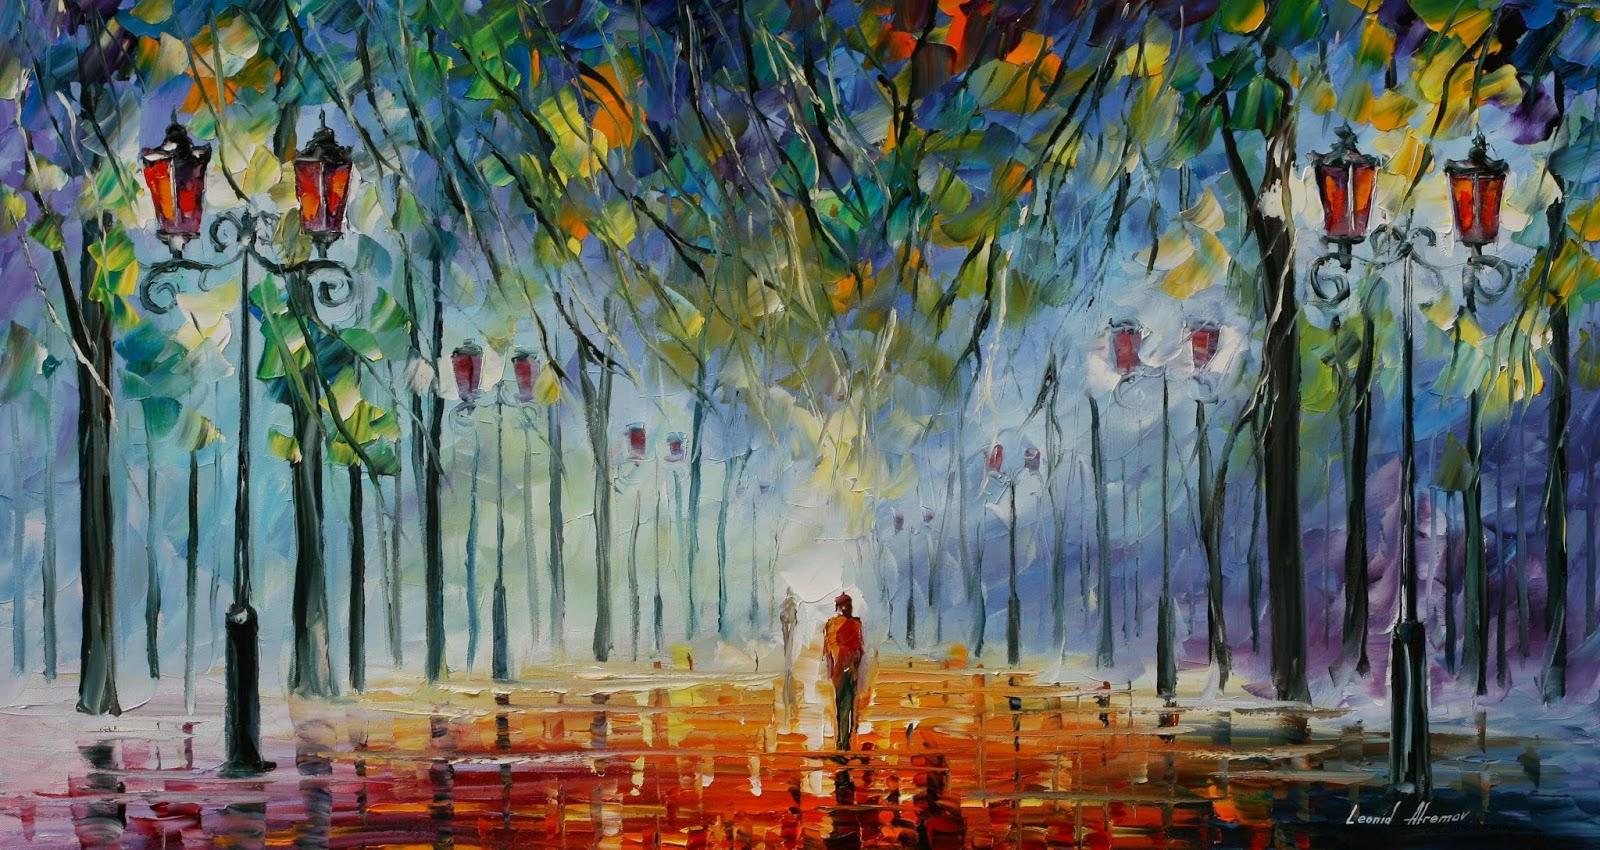 Il blog di simona giorgino leonid afremov la solitudine for Best canvas painting designs